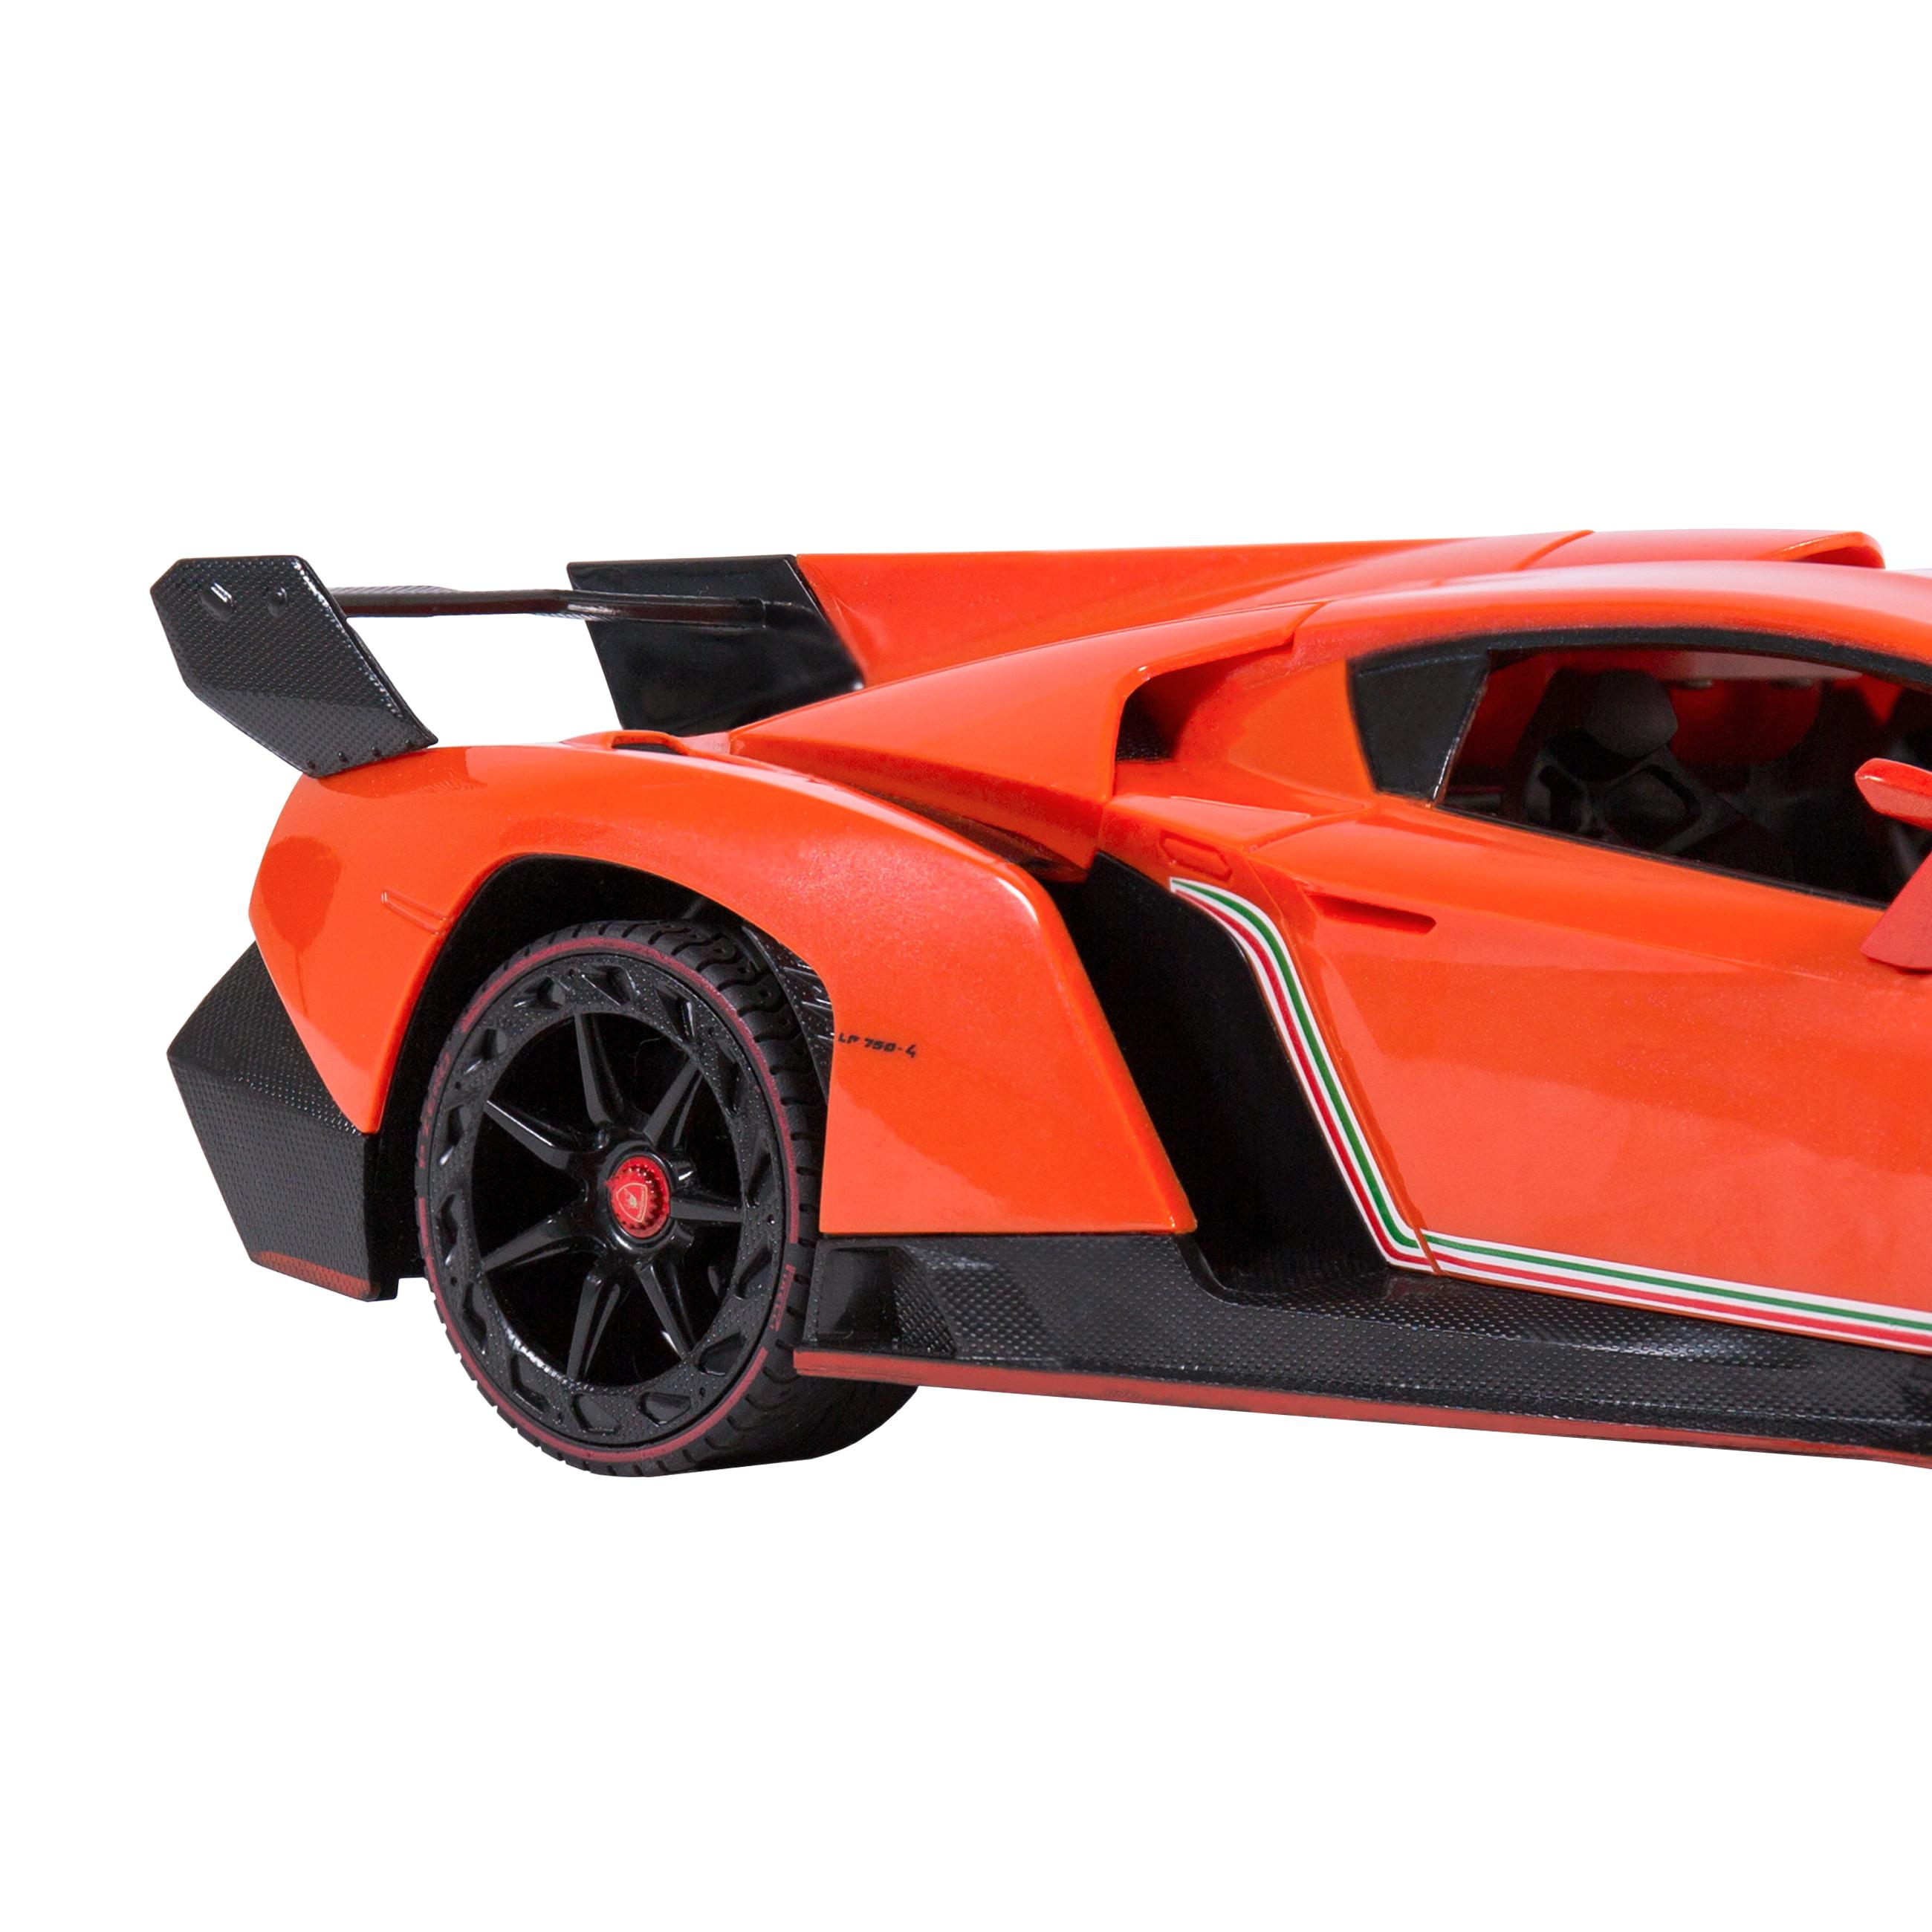 Best Choice Products 1/14 Scale RC Lamborghini Veneno Gravity Sensor Radio  Remote Control Car (Orange)   Walmart.com